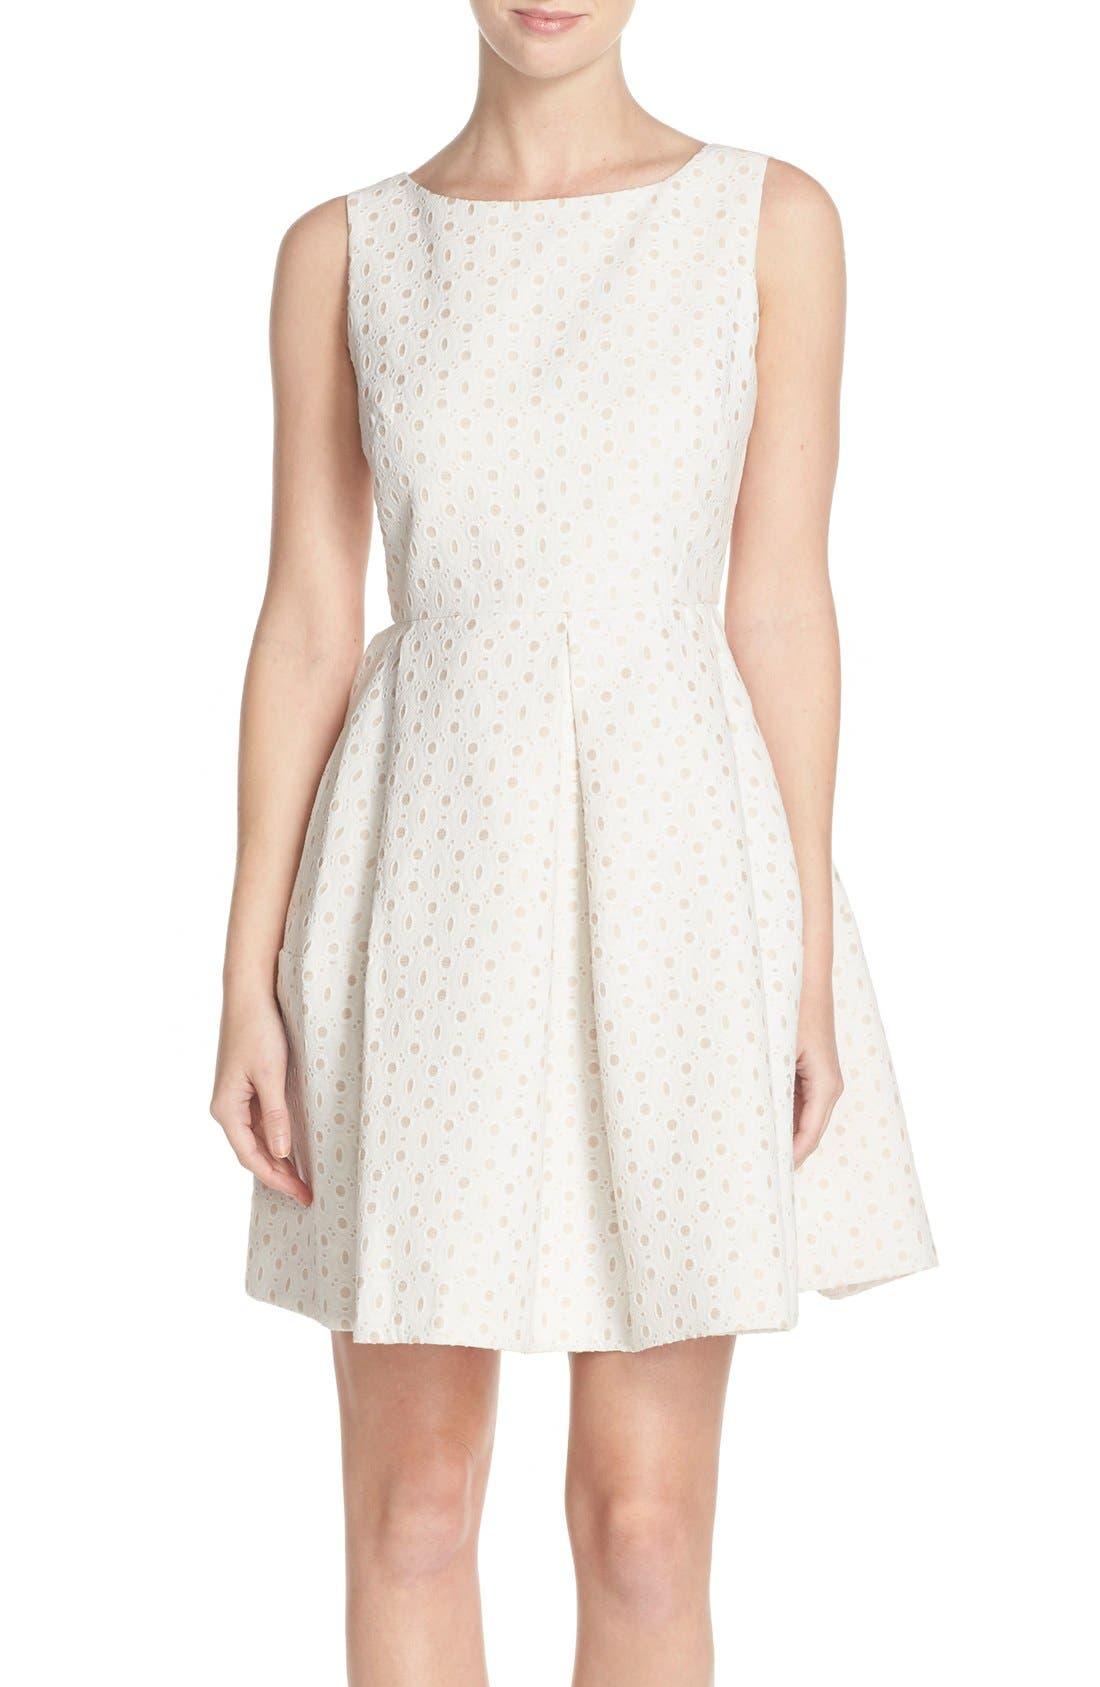 Alternate Image 1 Selected - Taylor Dresses Eyelet Fit & Flare Dress